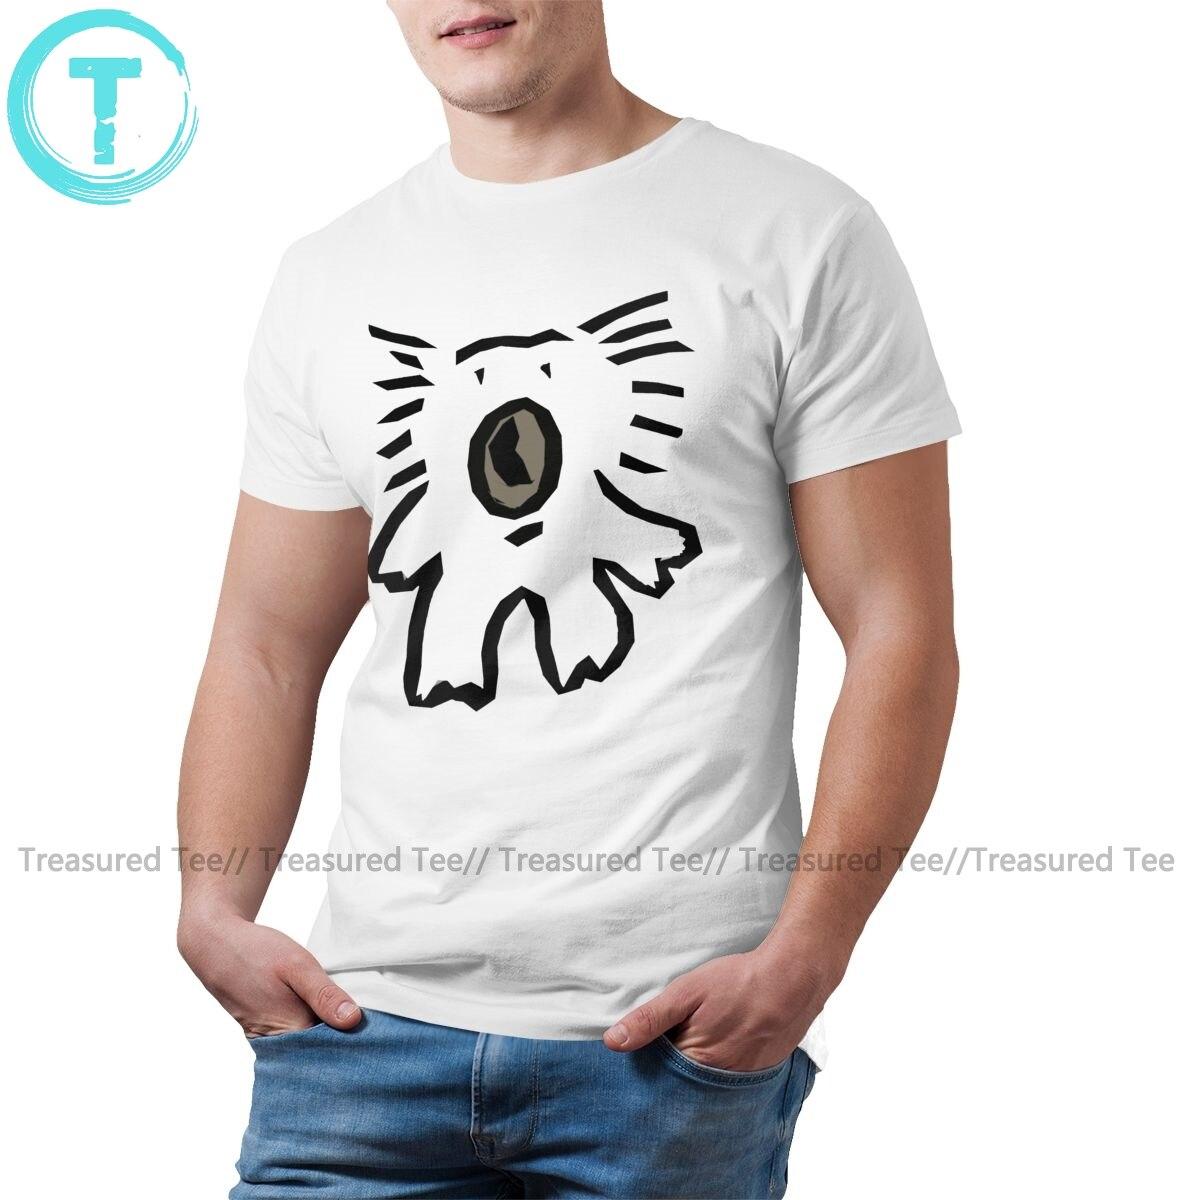 T camisa do urso do koala do koala camisa clássica do t do tamanho grande impressa impressionante algodão dos homens mangas curtas tshirt